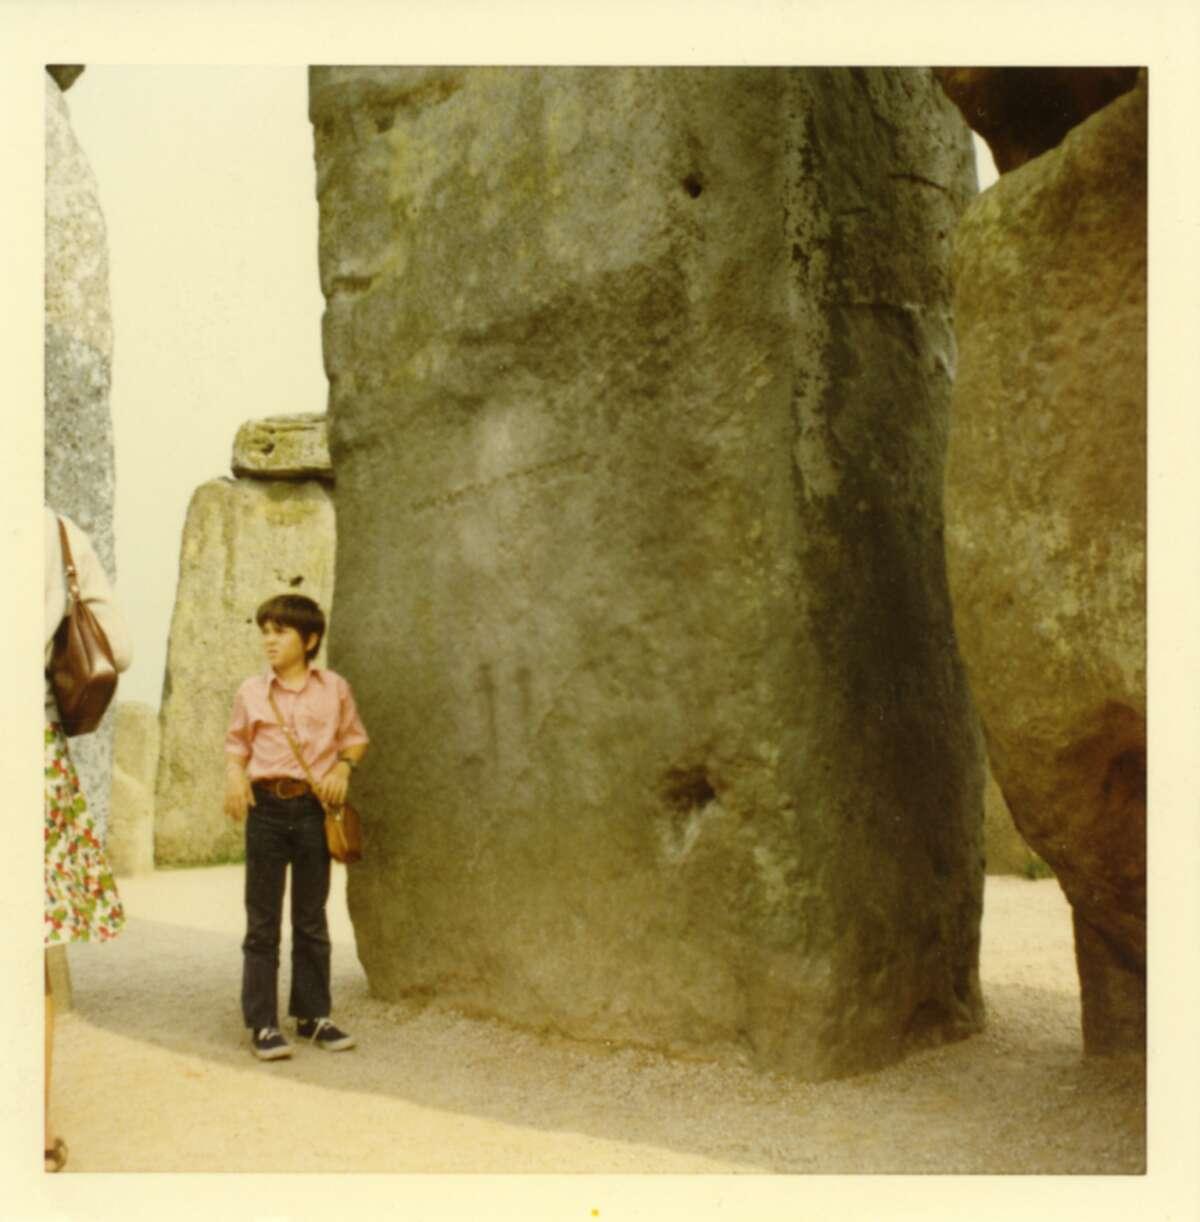 1. I've leaned on Stonehenge.